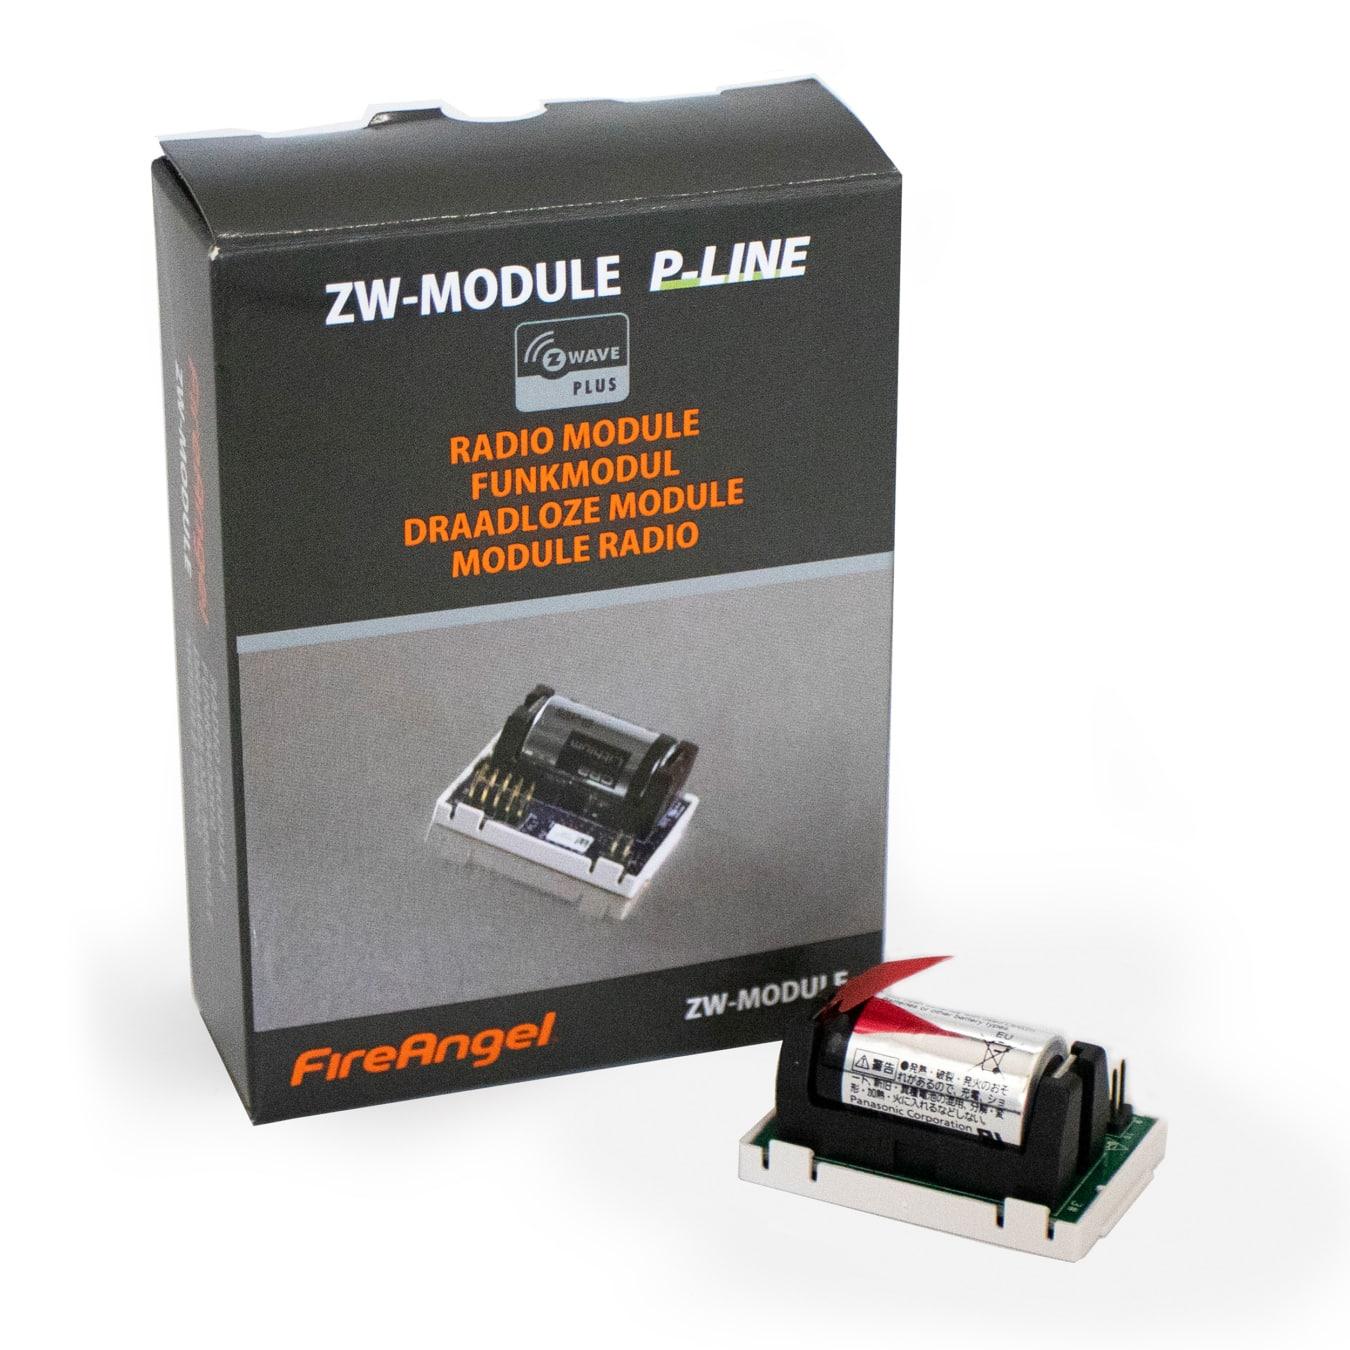 Koop Z-wave ZB-module Fireangel